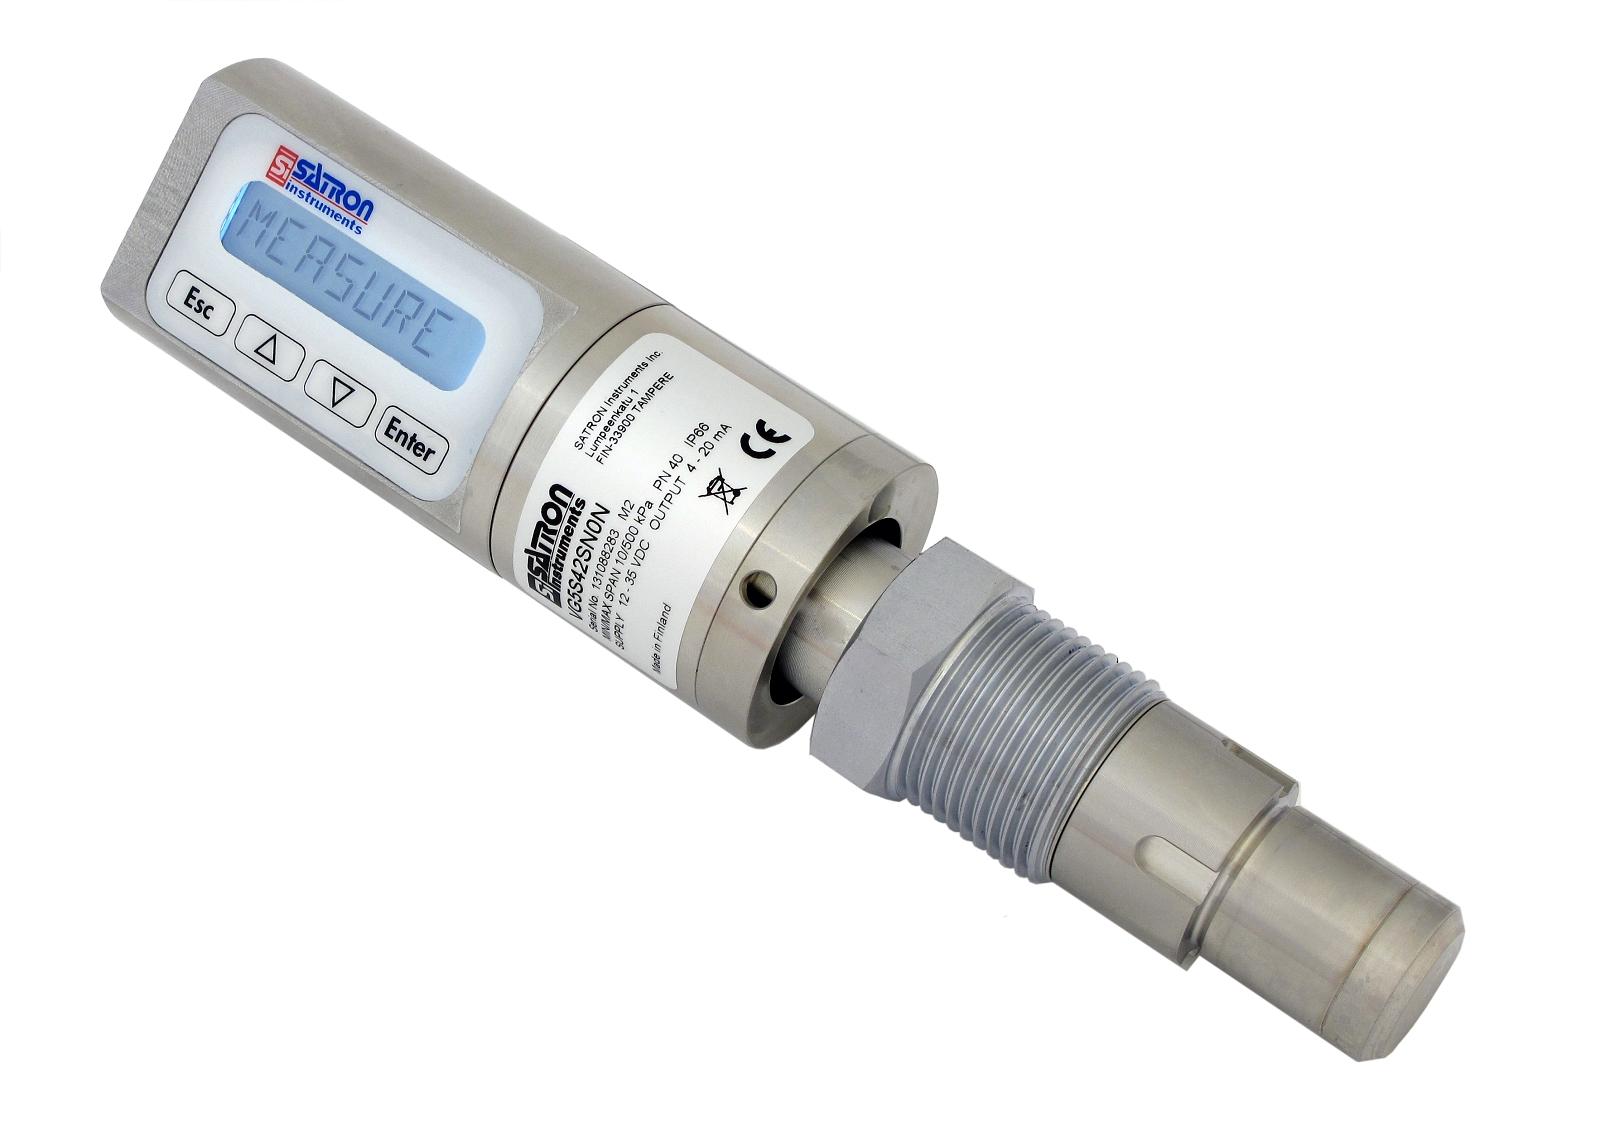 CIP dairy pressure sensor